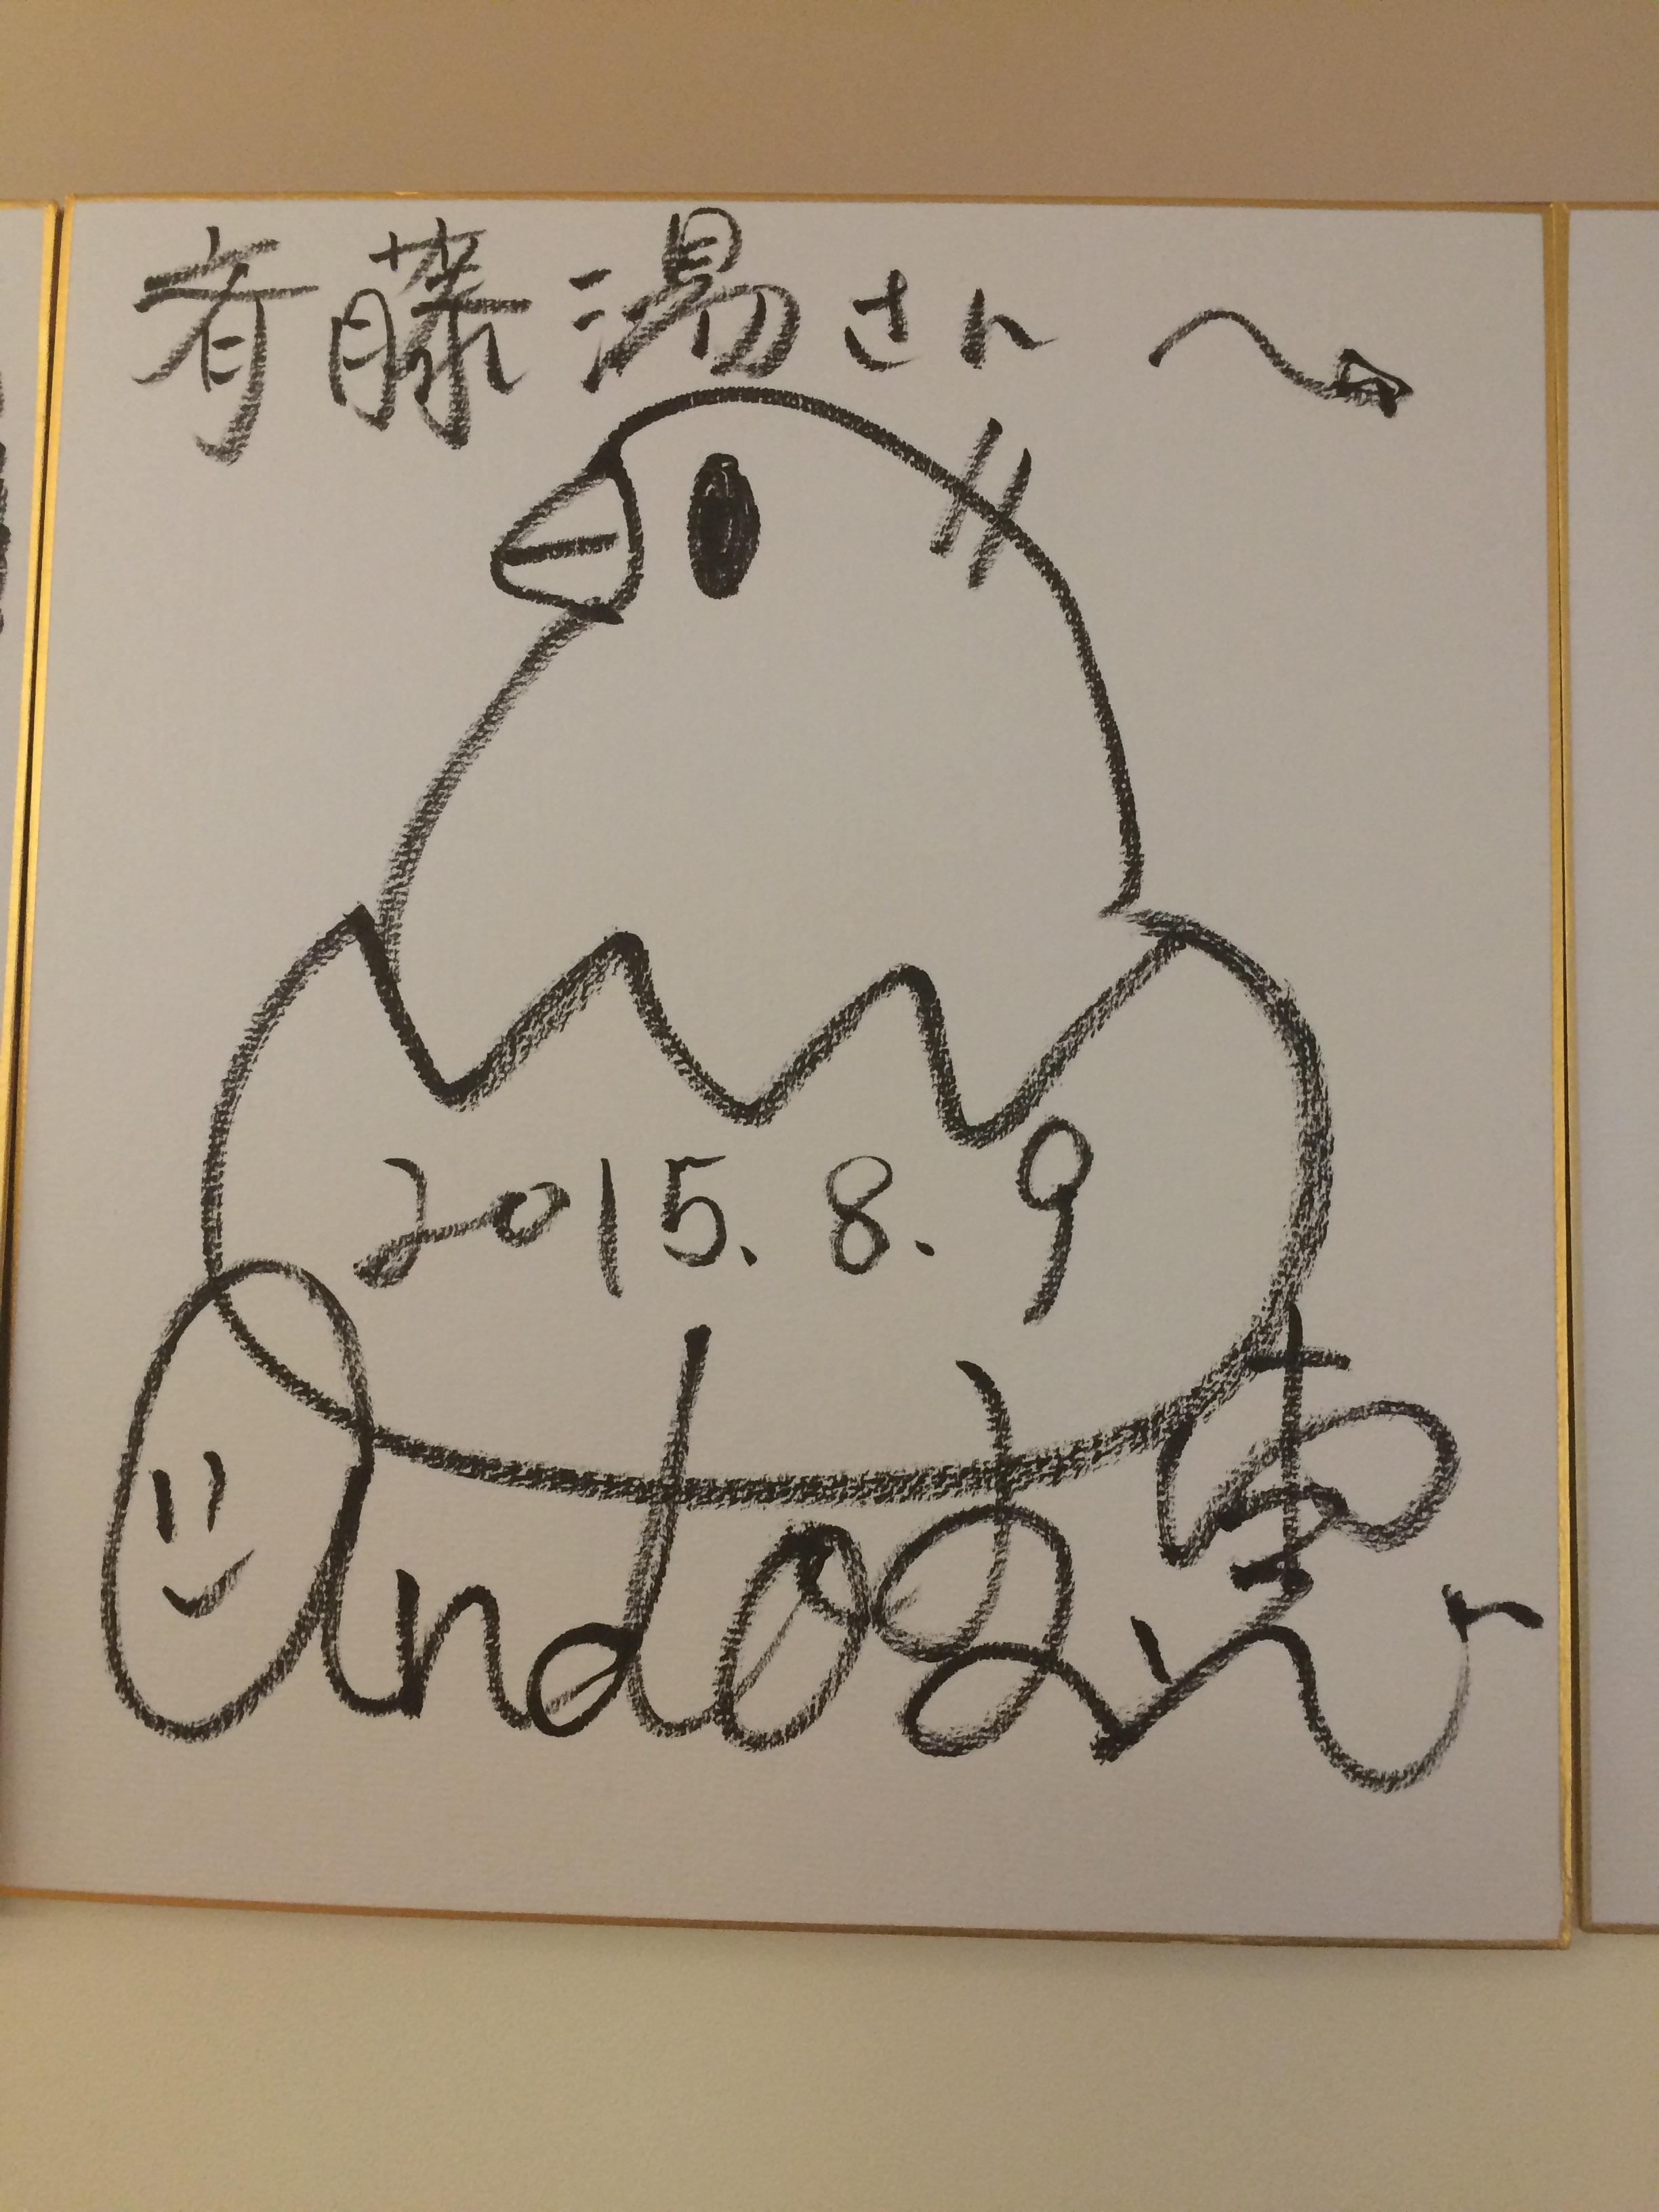 http://www.saito-yu.com/blog/bbe392cf9cd45a922776732a998df17a37fc84da.jpg